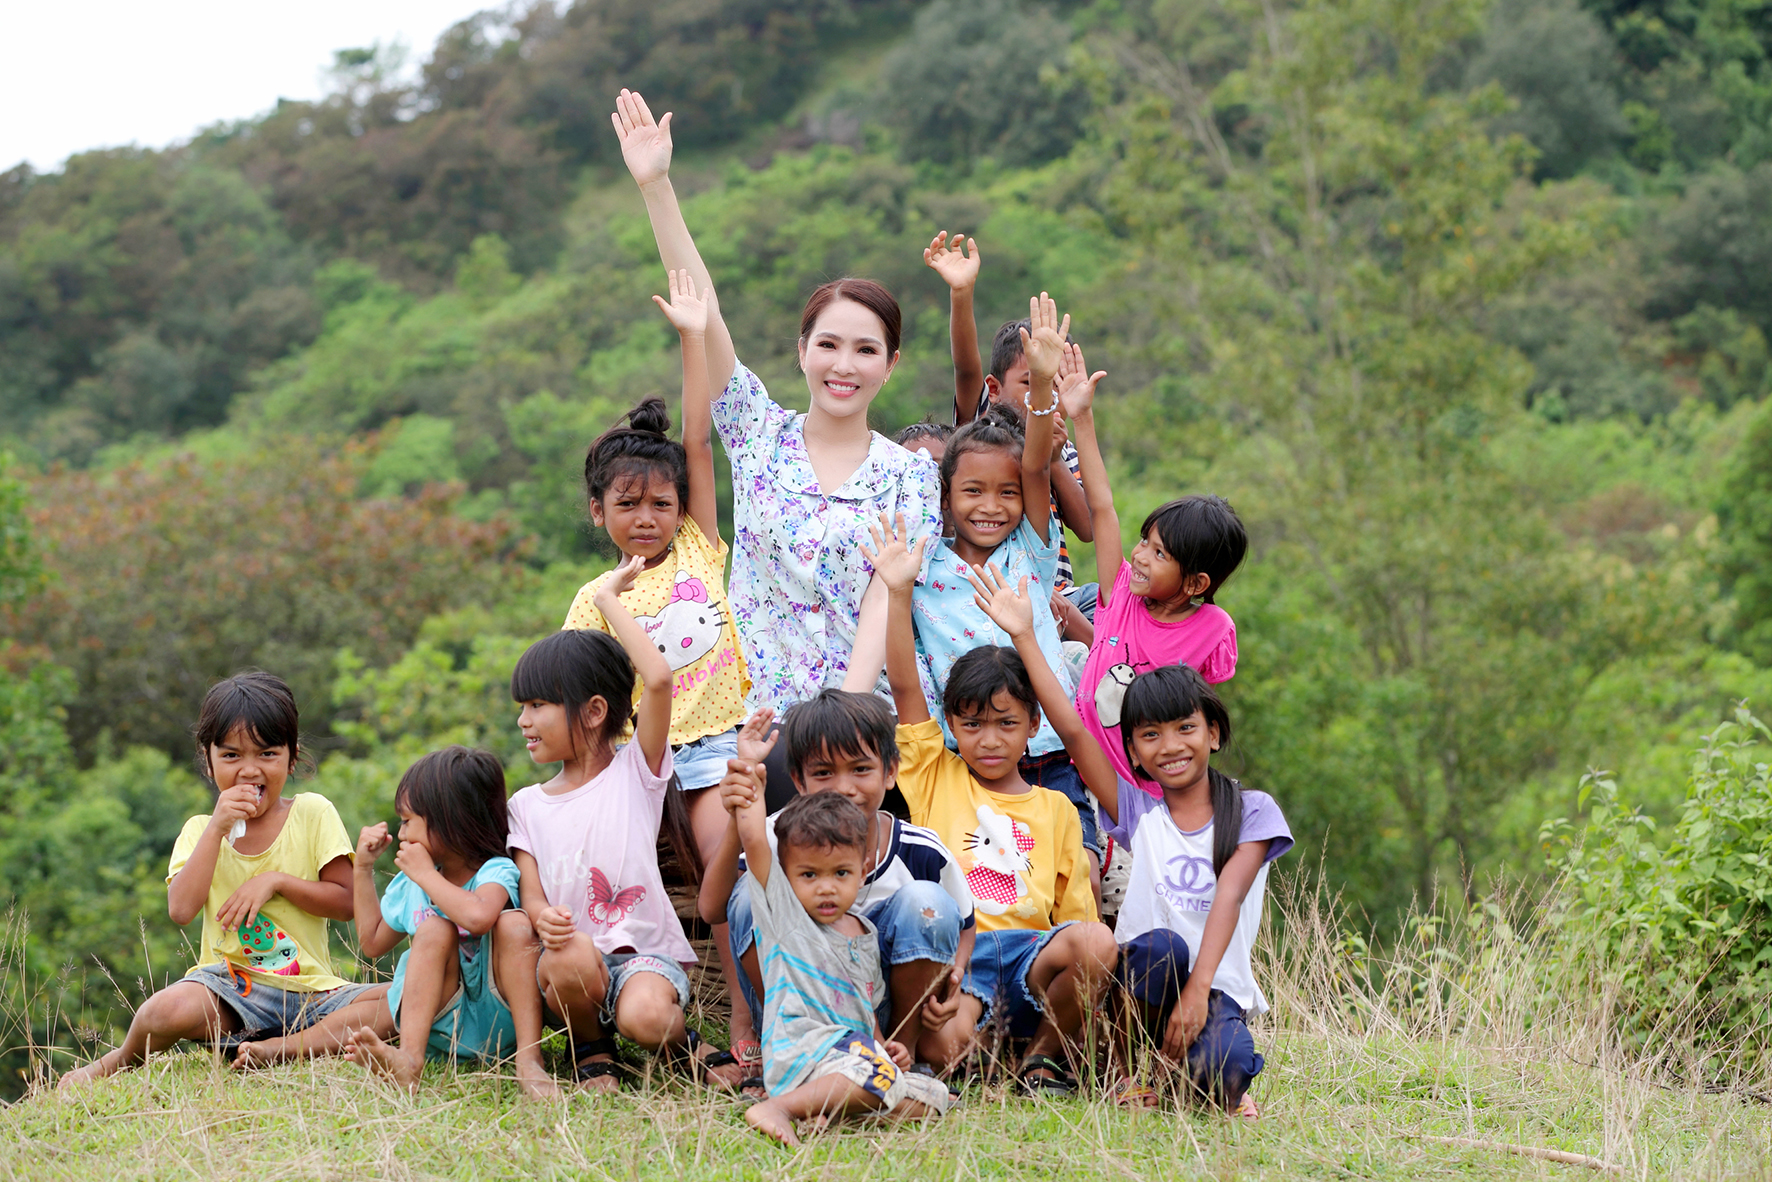 Dương Kim Ánh bỏ thành phố, lên vùng cao làm cô giáo dạy trẻ